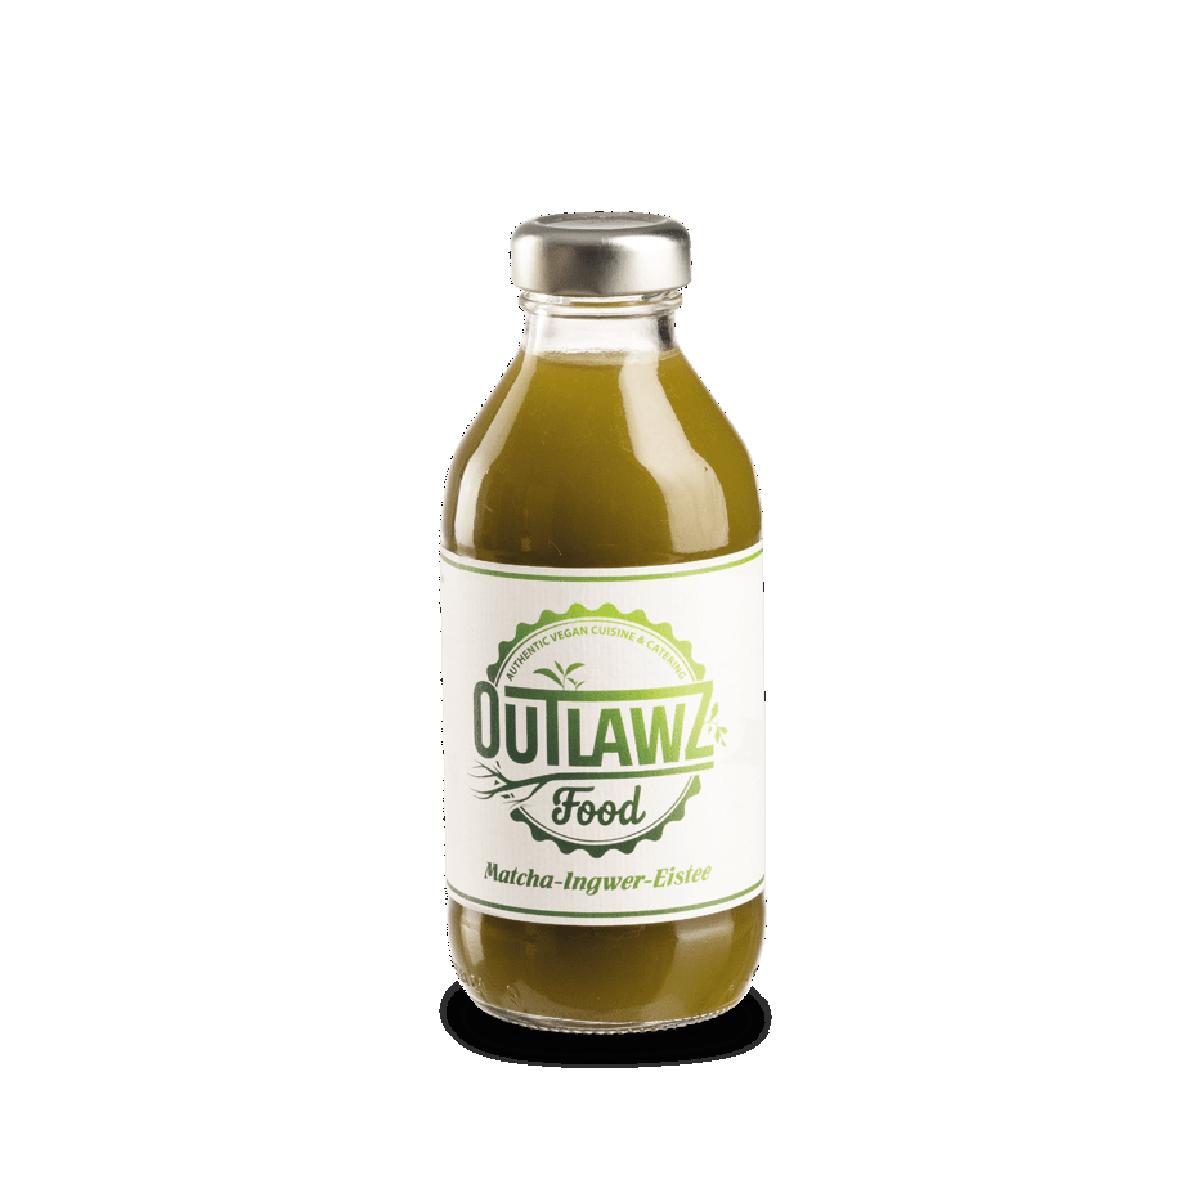 Outlawz Matcha-Ingwer-Eistee